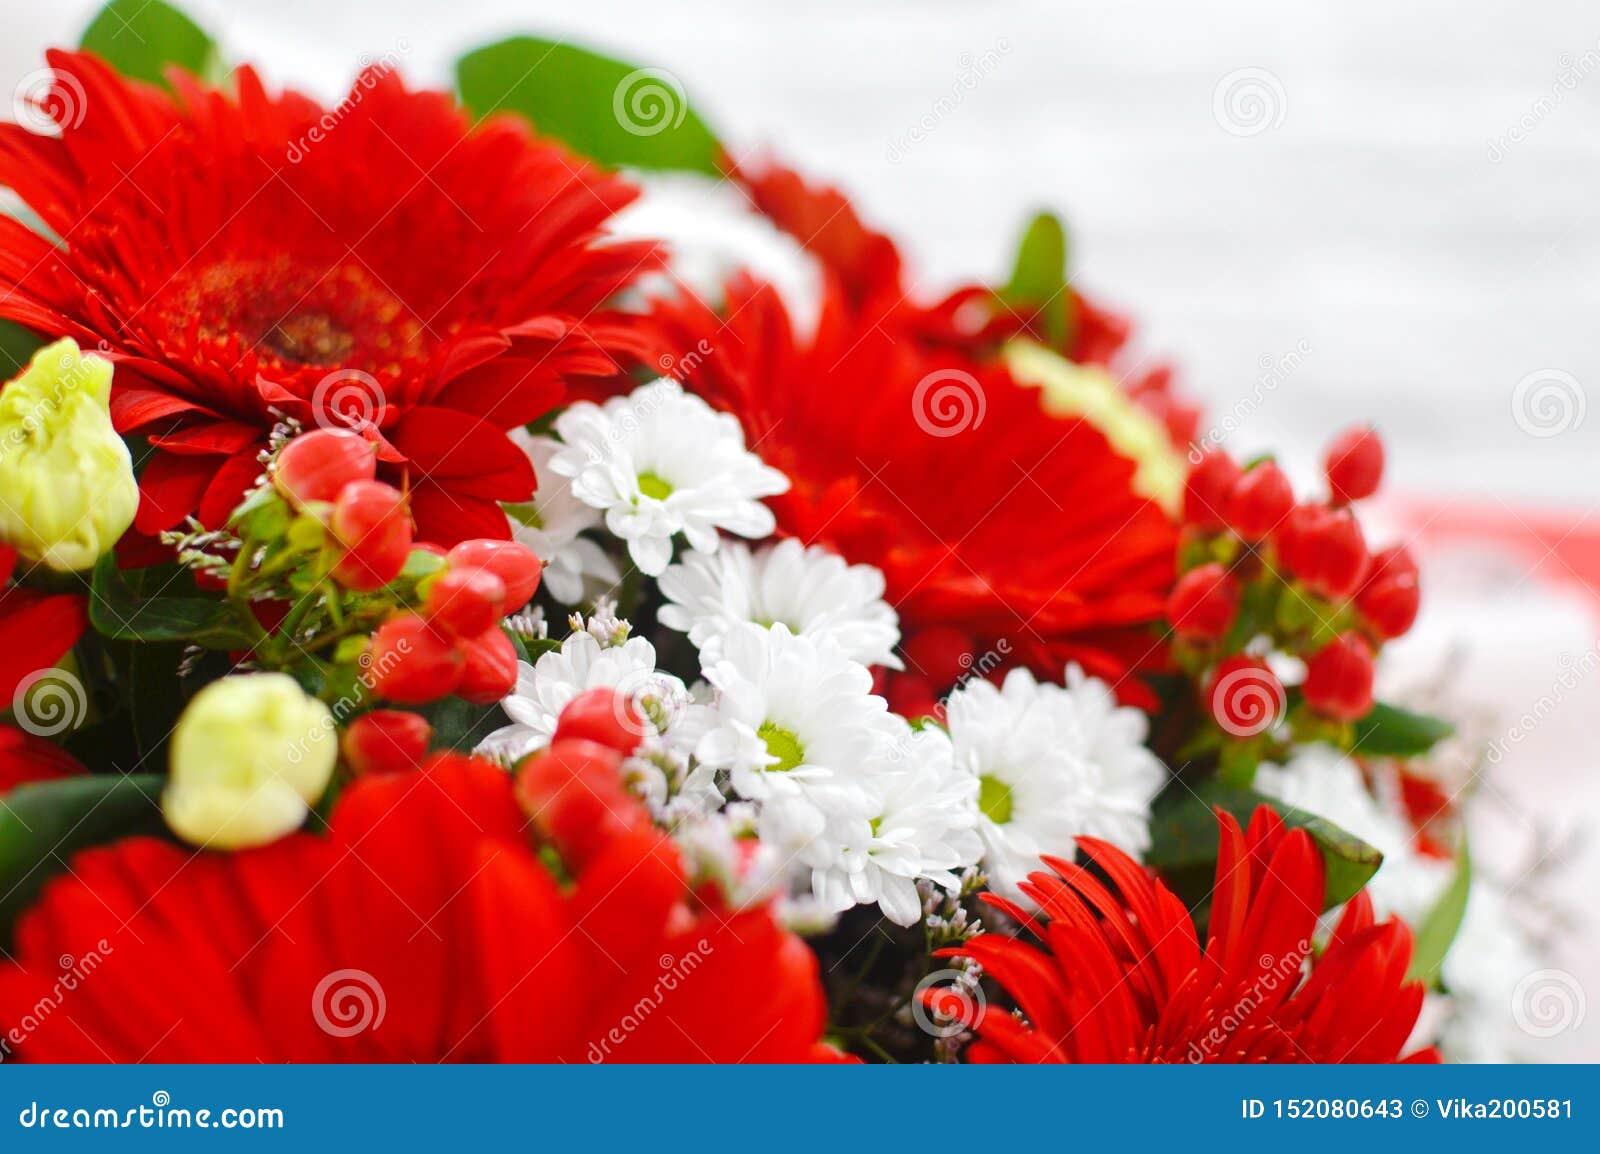 Blumenhintergrund von roten Blumen